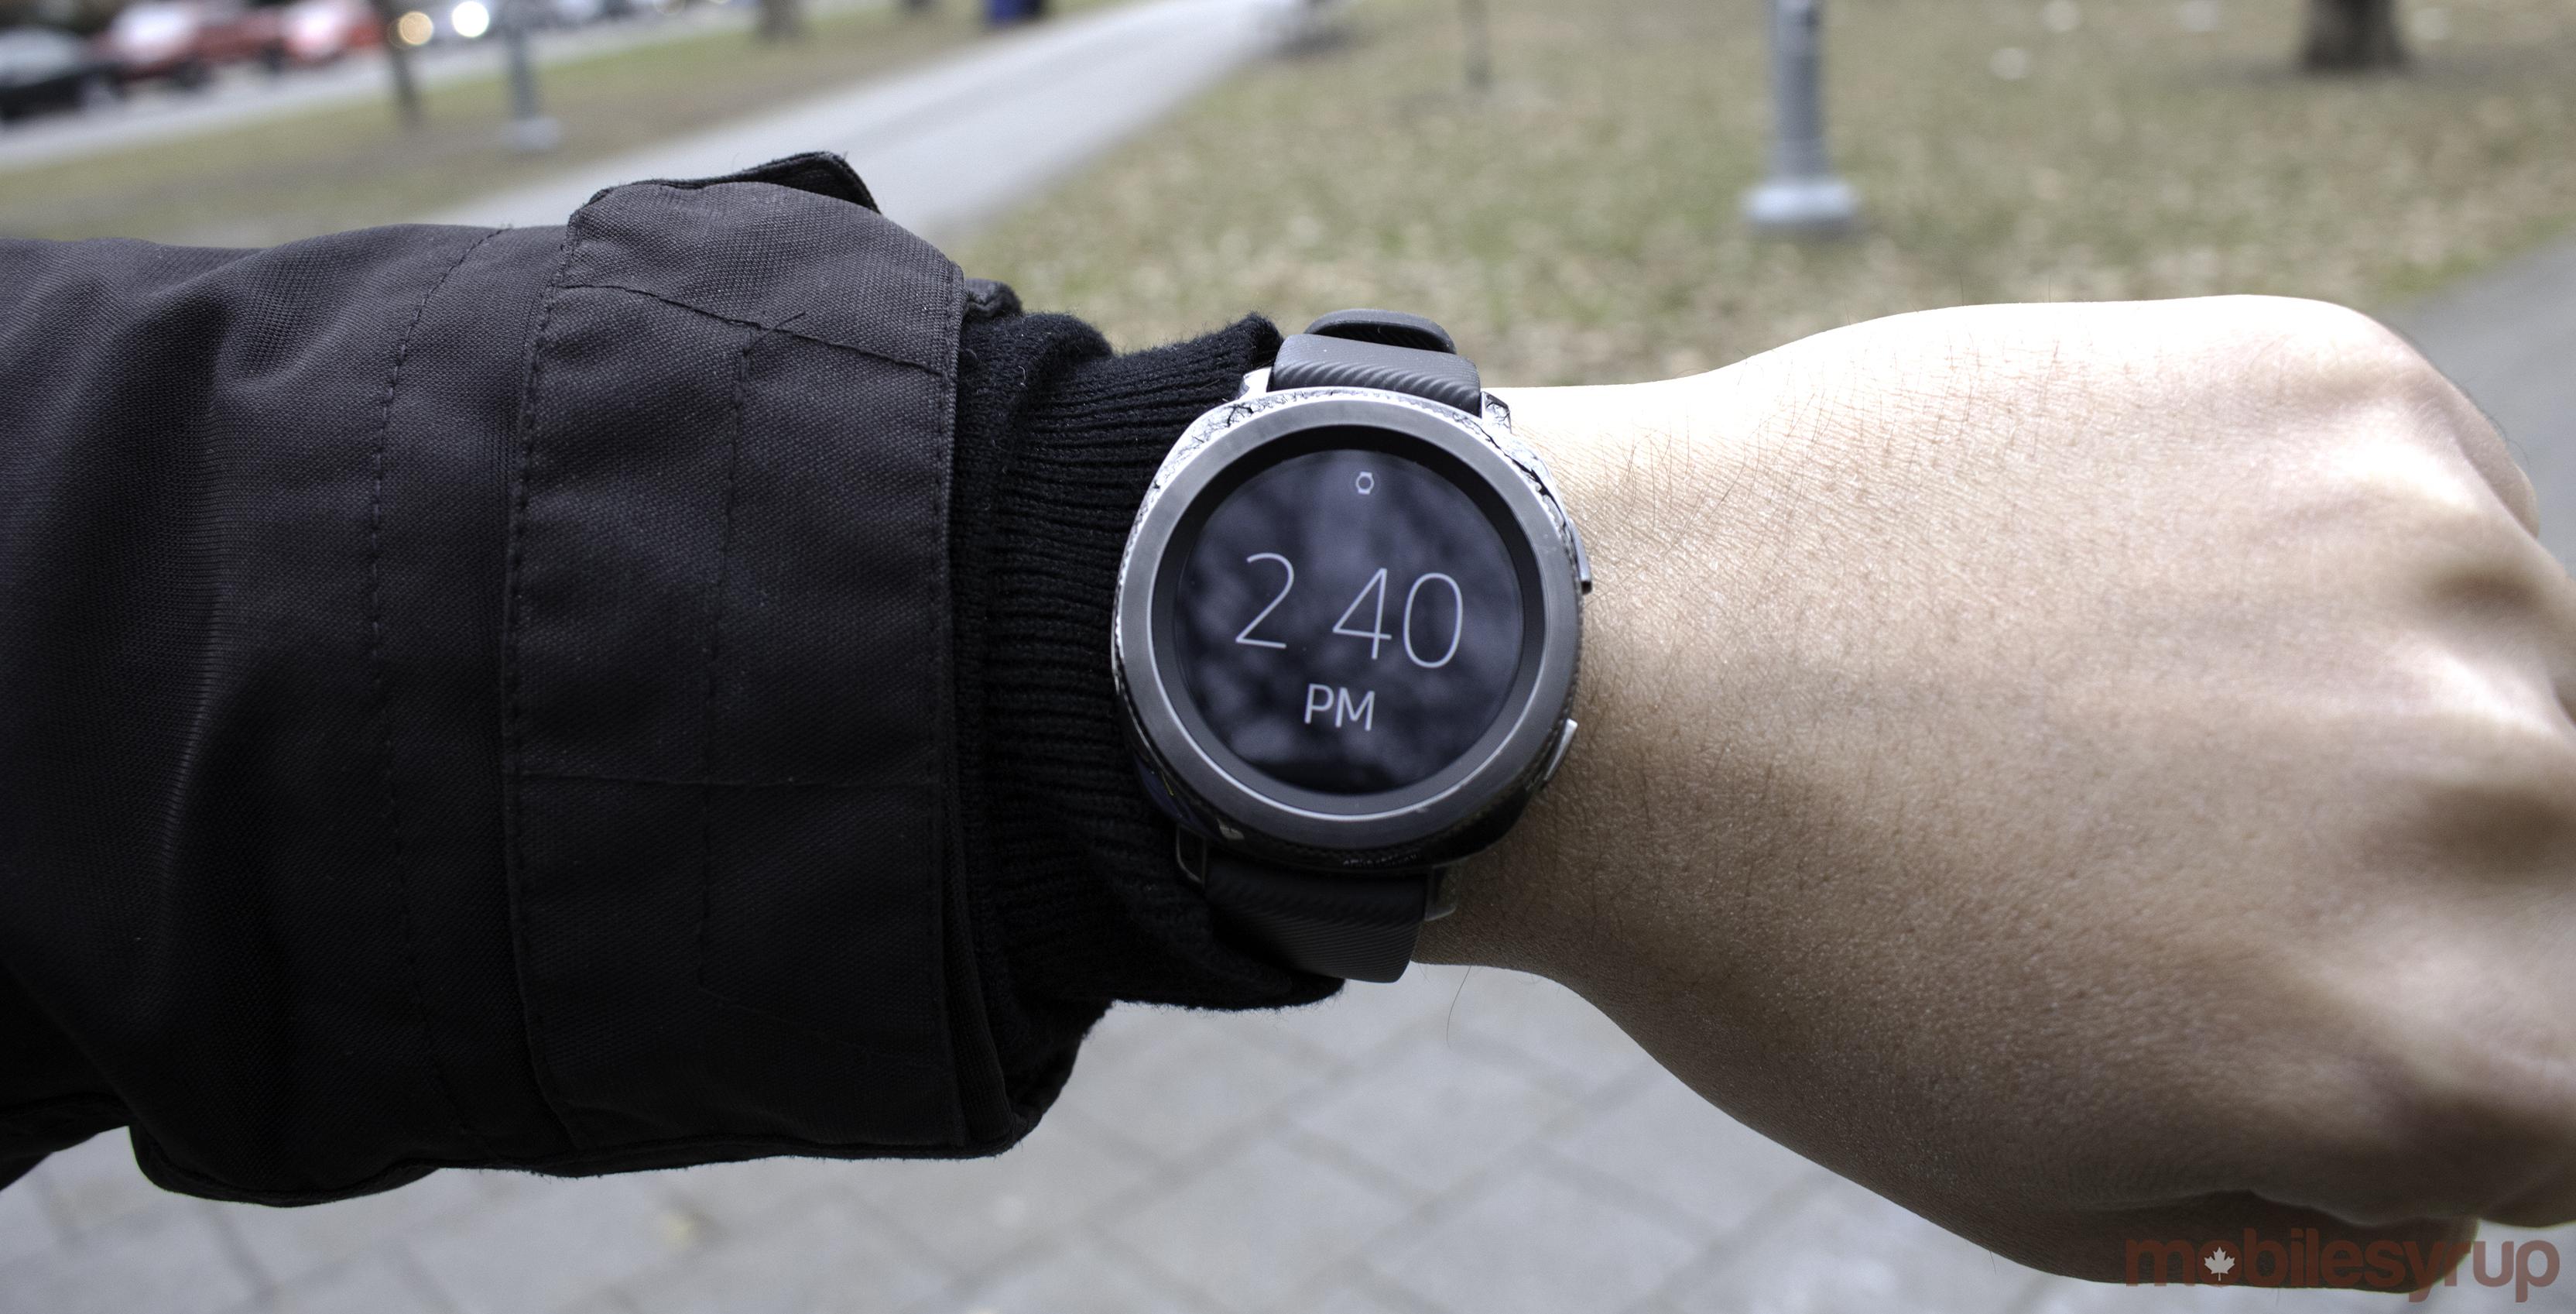 Gear Sport on the wrist